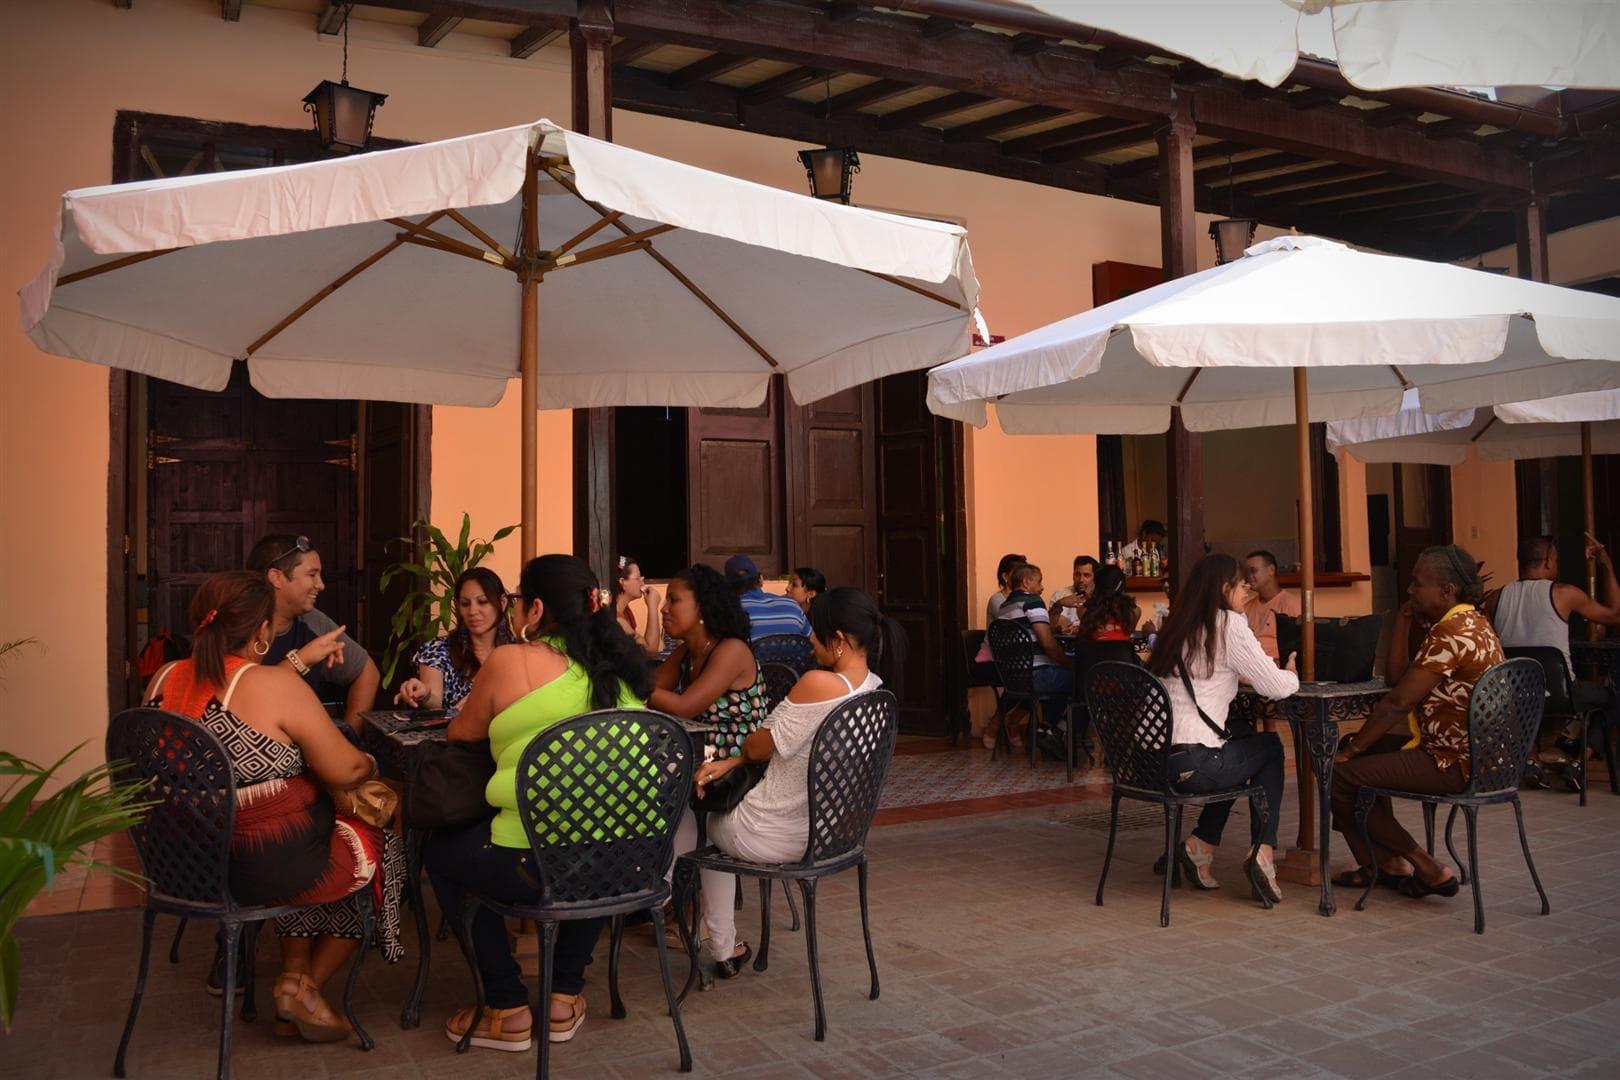 Cafeteria in Cuba